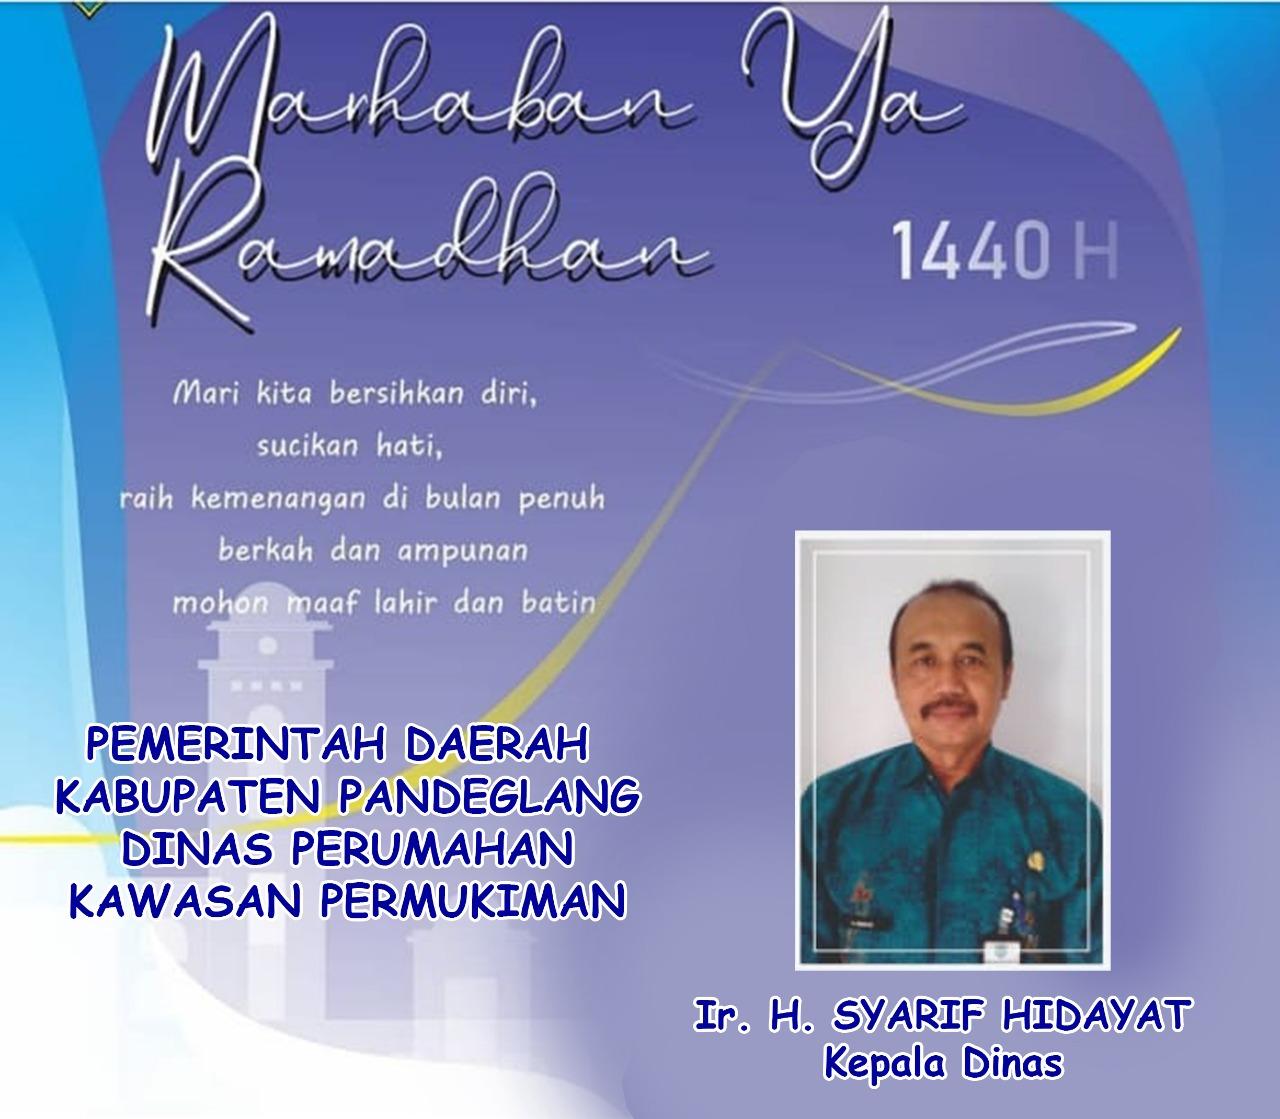 Ir.H. Syarif Hidayat